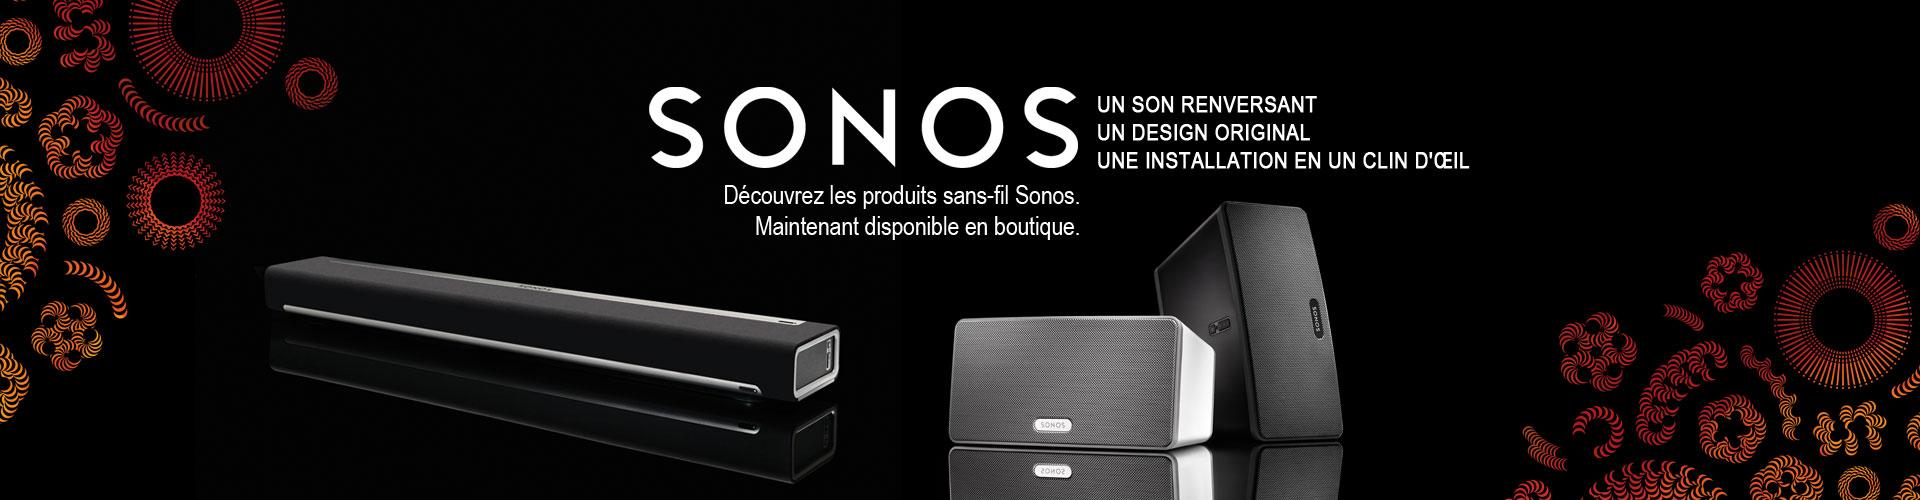 Revendeur Sonos Granby boutique détail